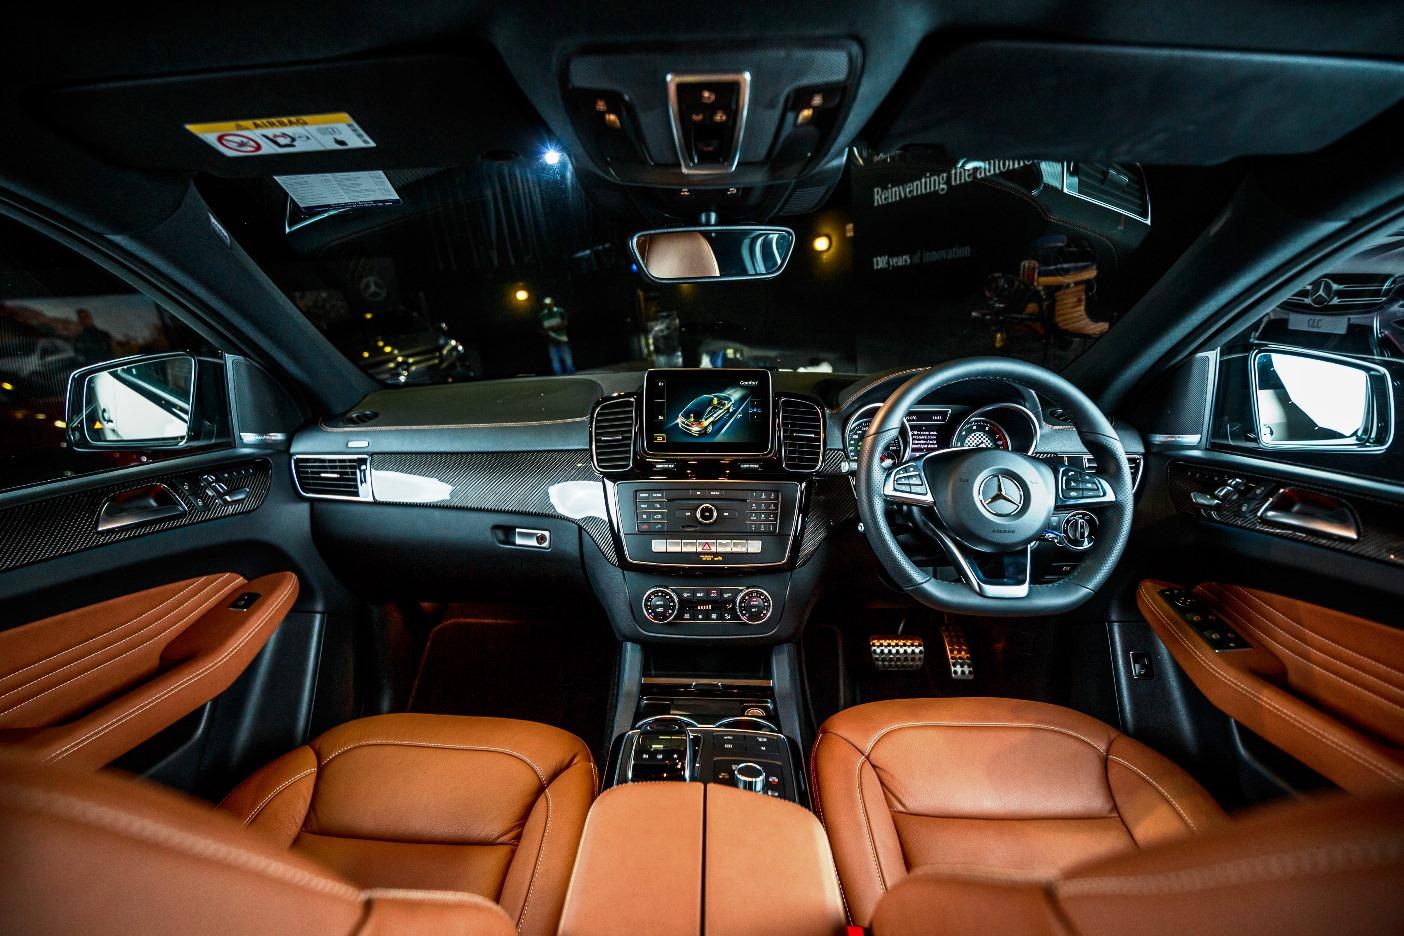 Mercedes Benz Gle 450 Amg Interior Autoworld Com My